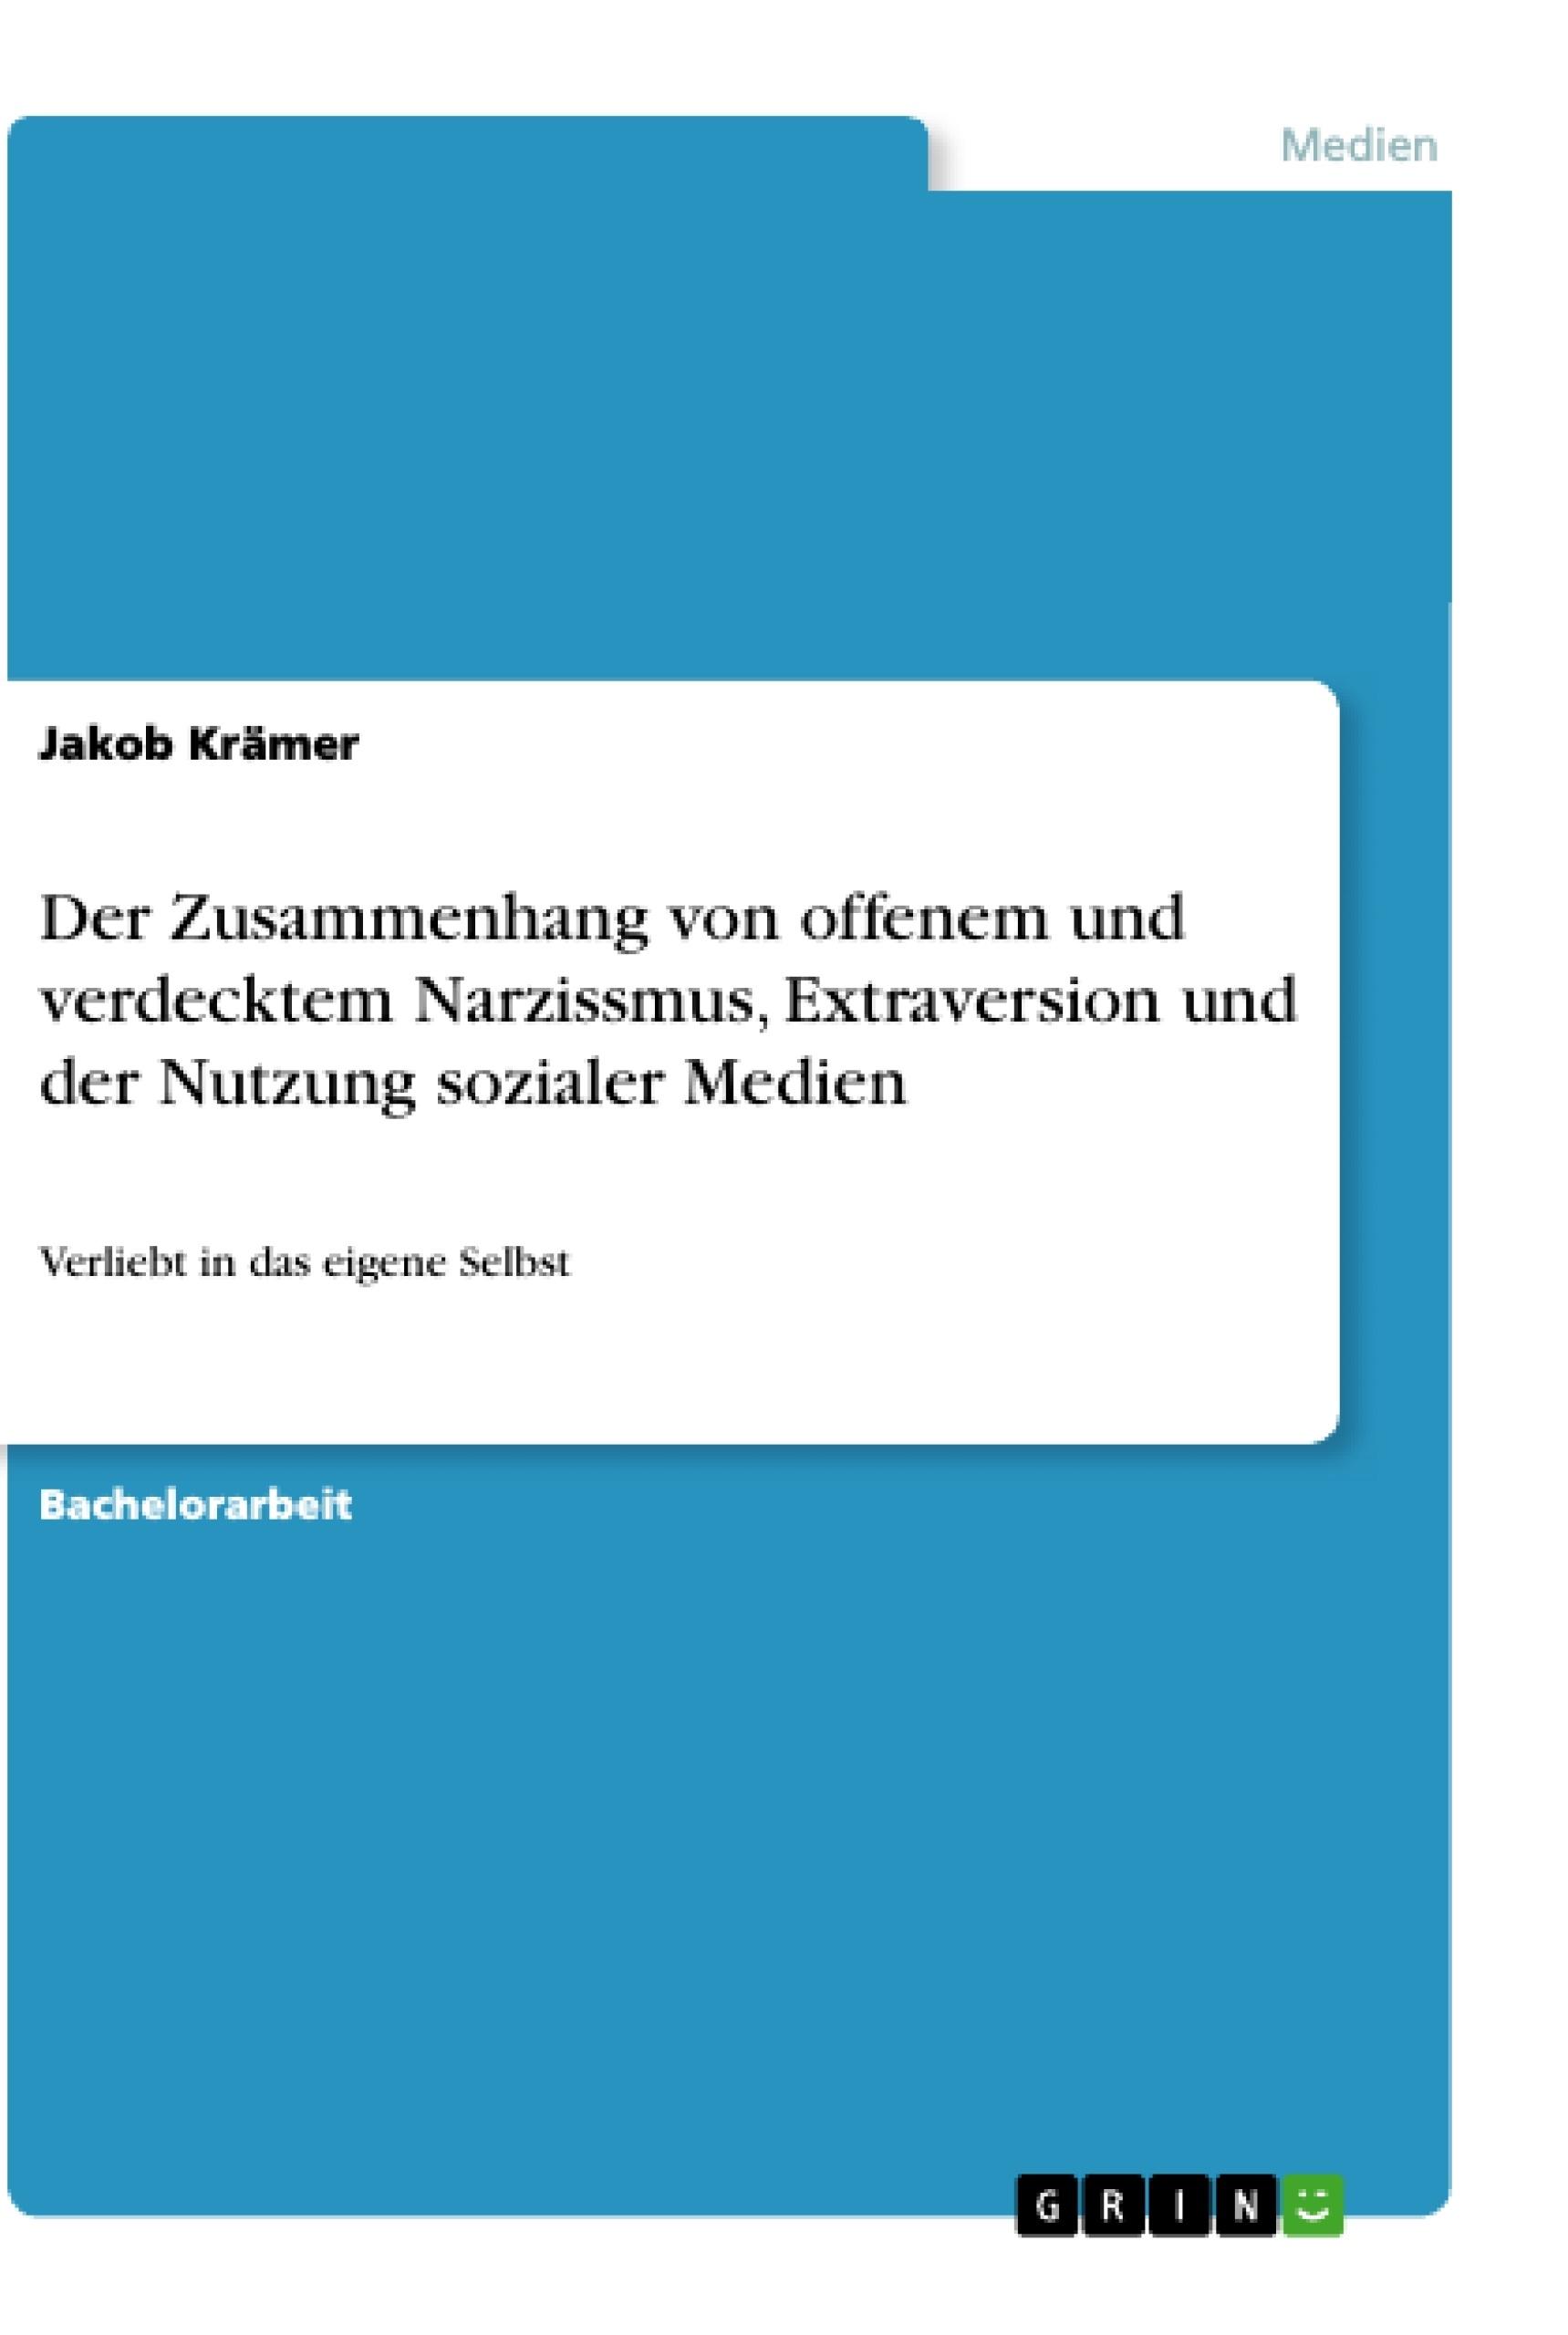 Titel: Der Zusammenhang von offenem und verdecktem Narzissmus, Extraversion und der Nutzung sozialer Medien